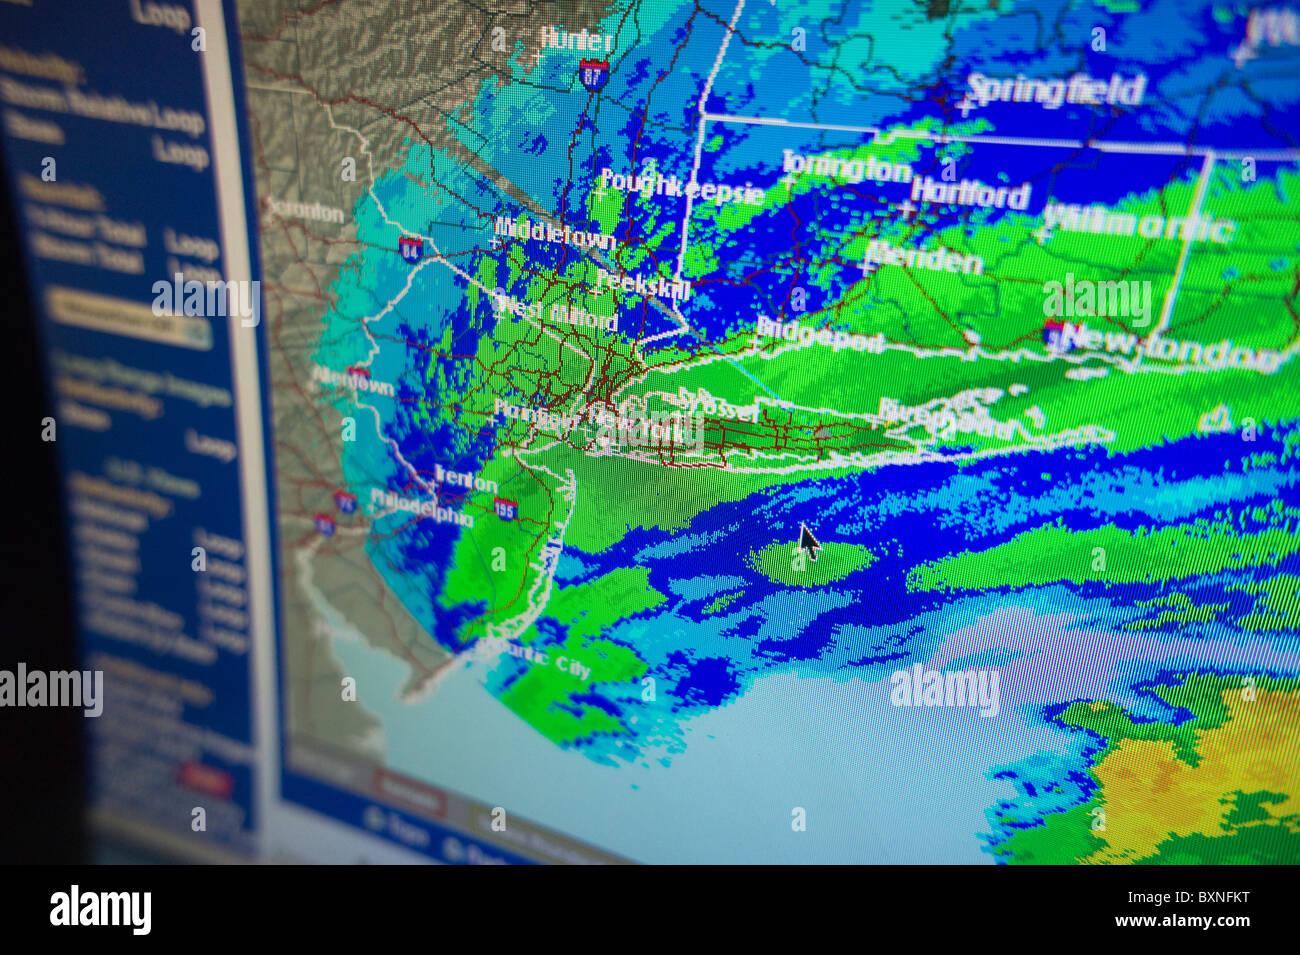 Weather Radar Map Stock Photos & Weather Radar Map Stock